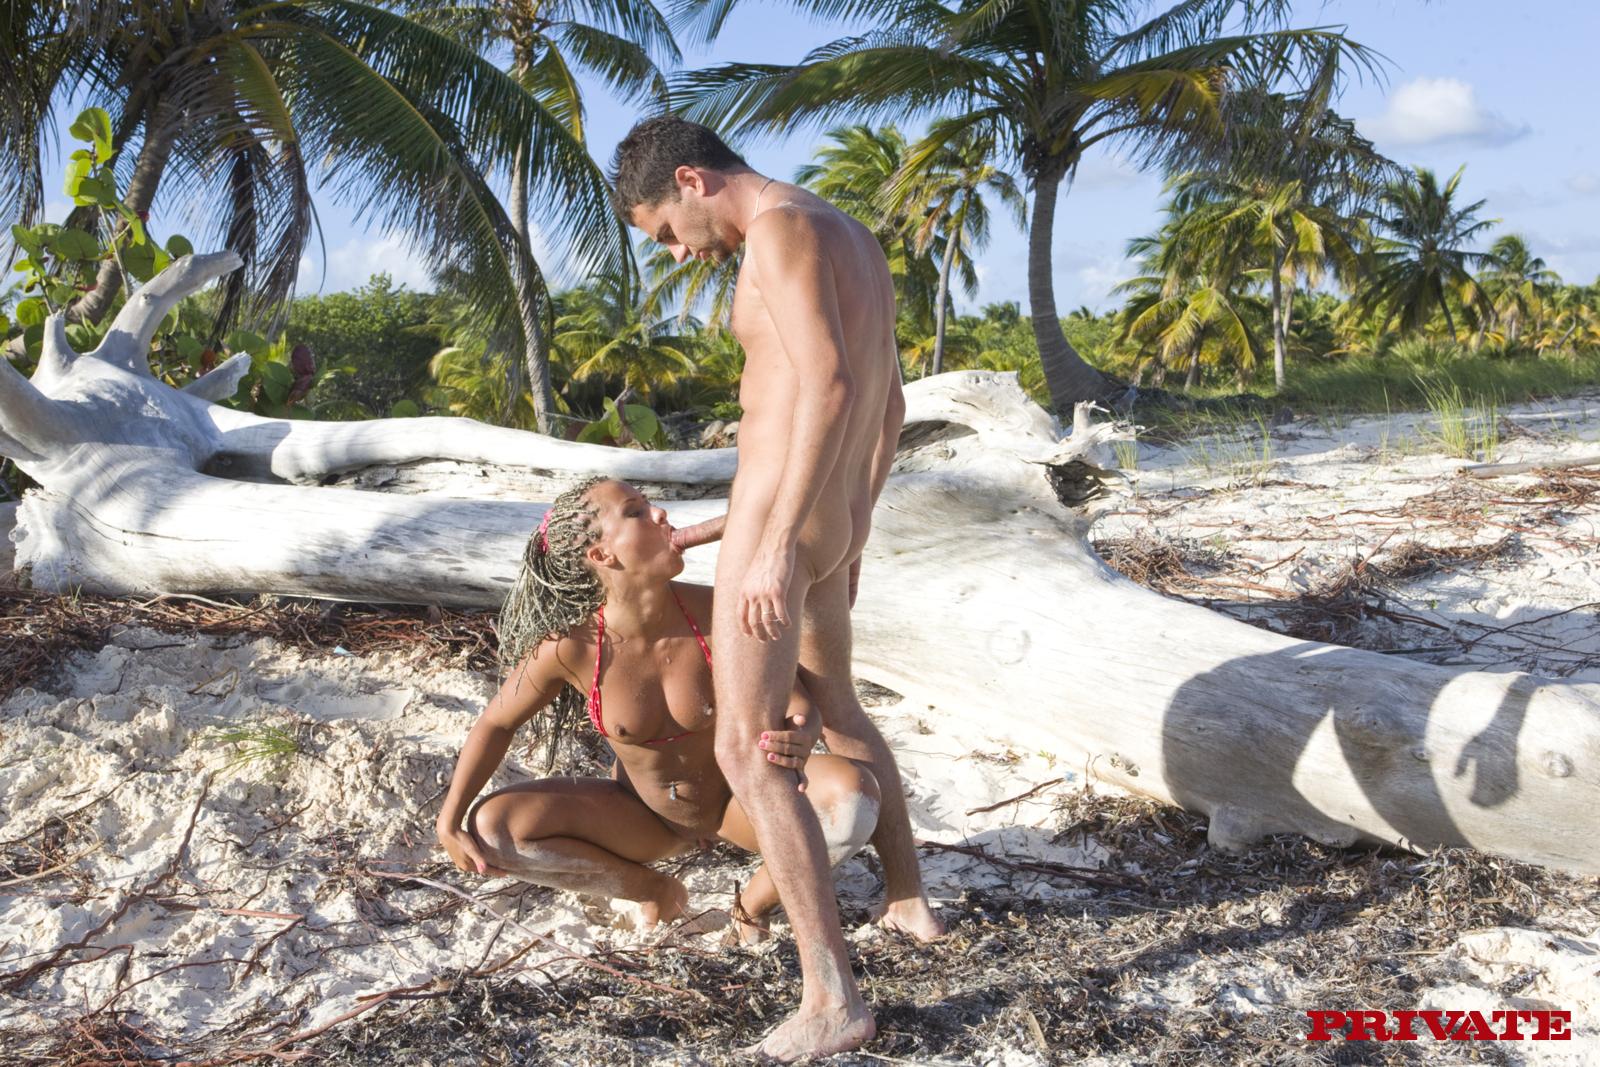 Приват тропический остров порно онлайн 26 фотография